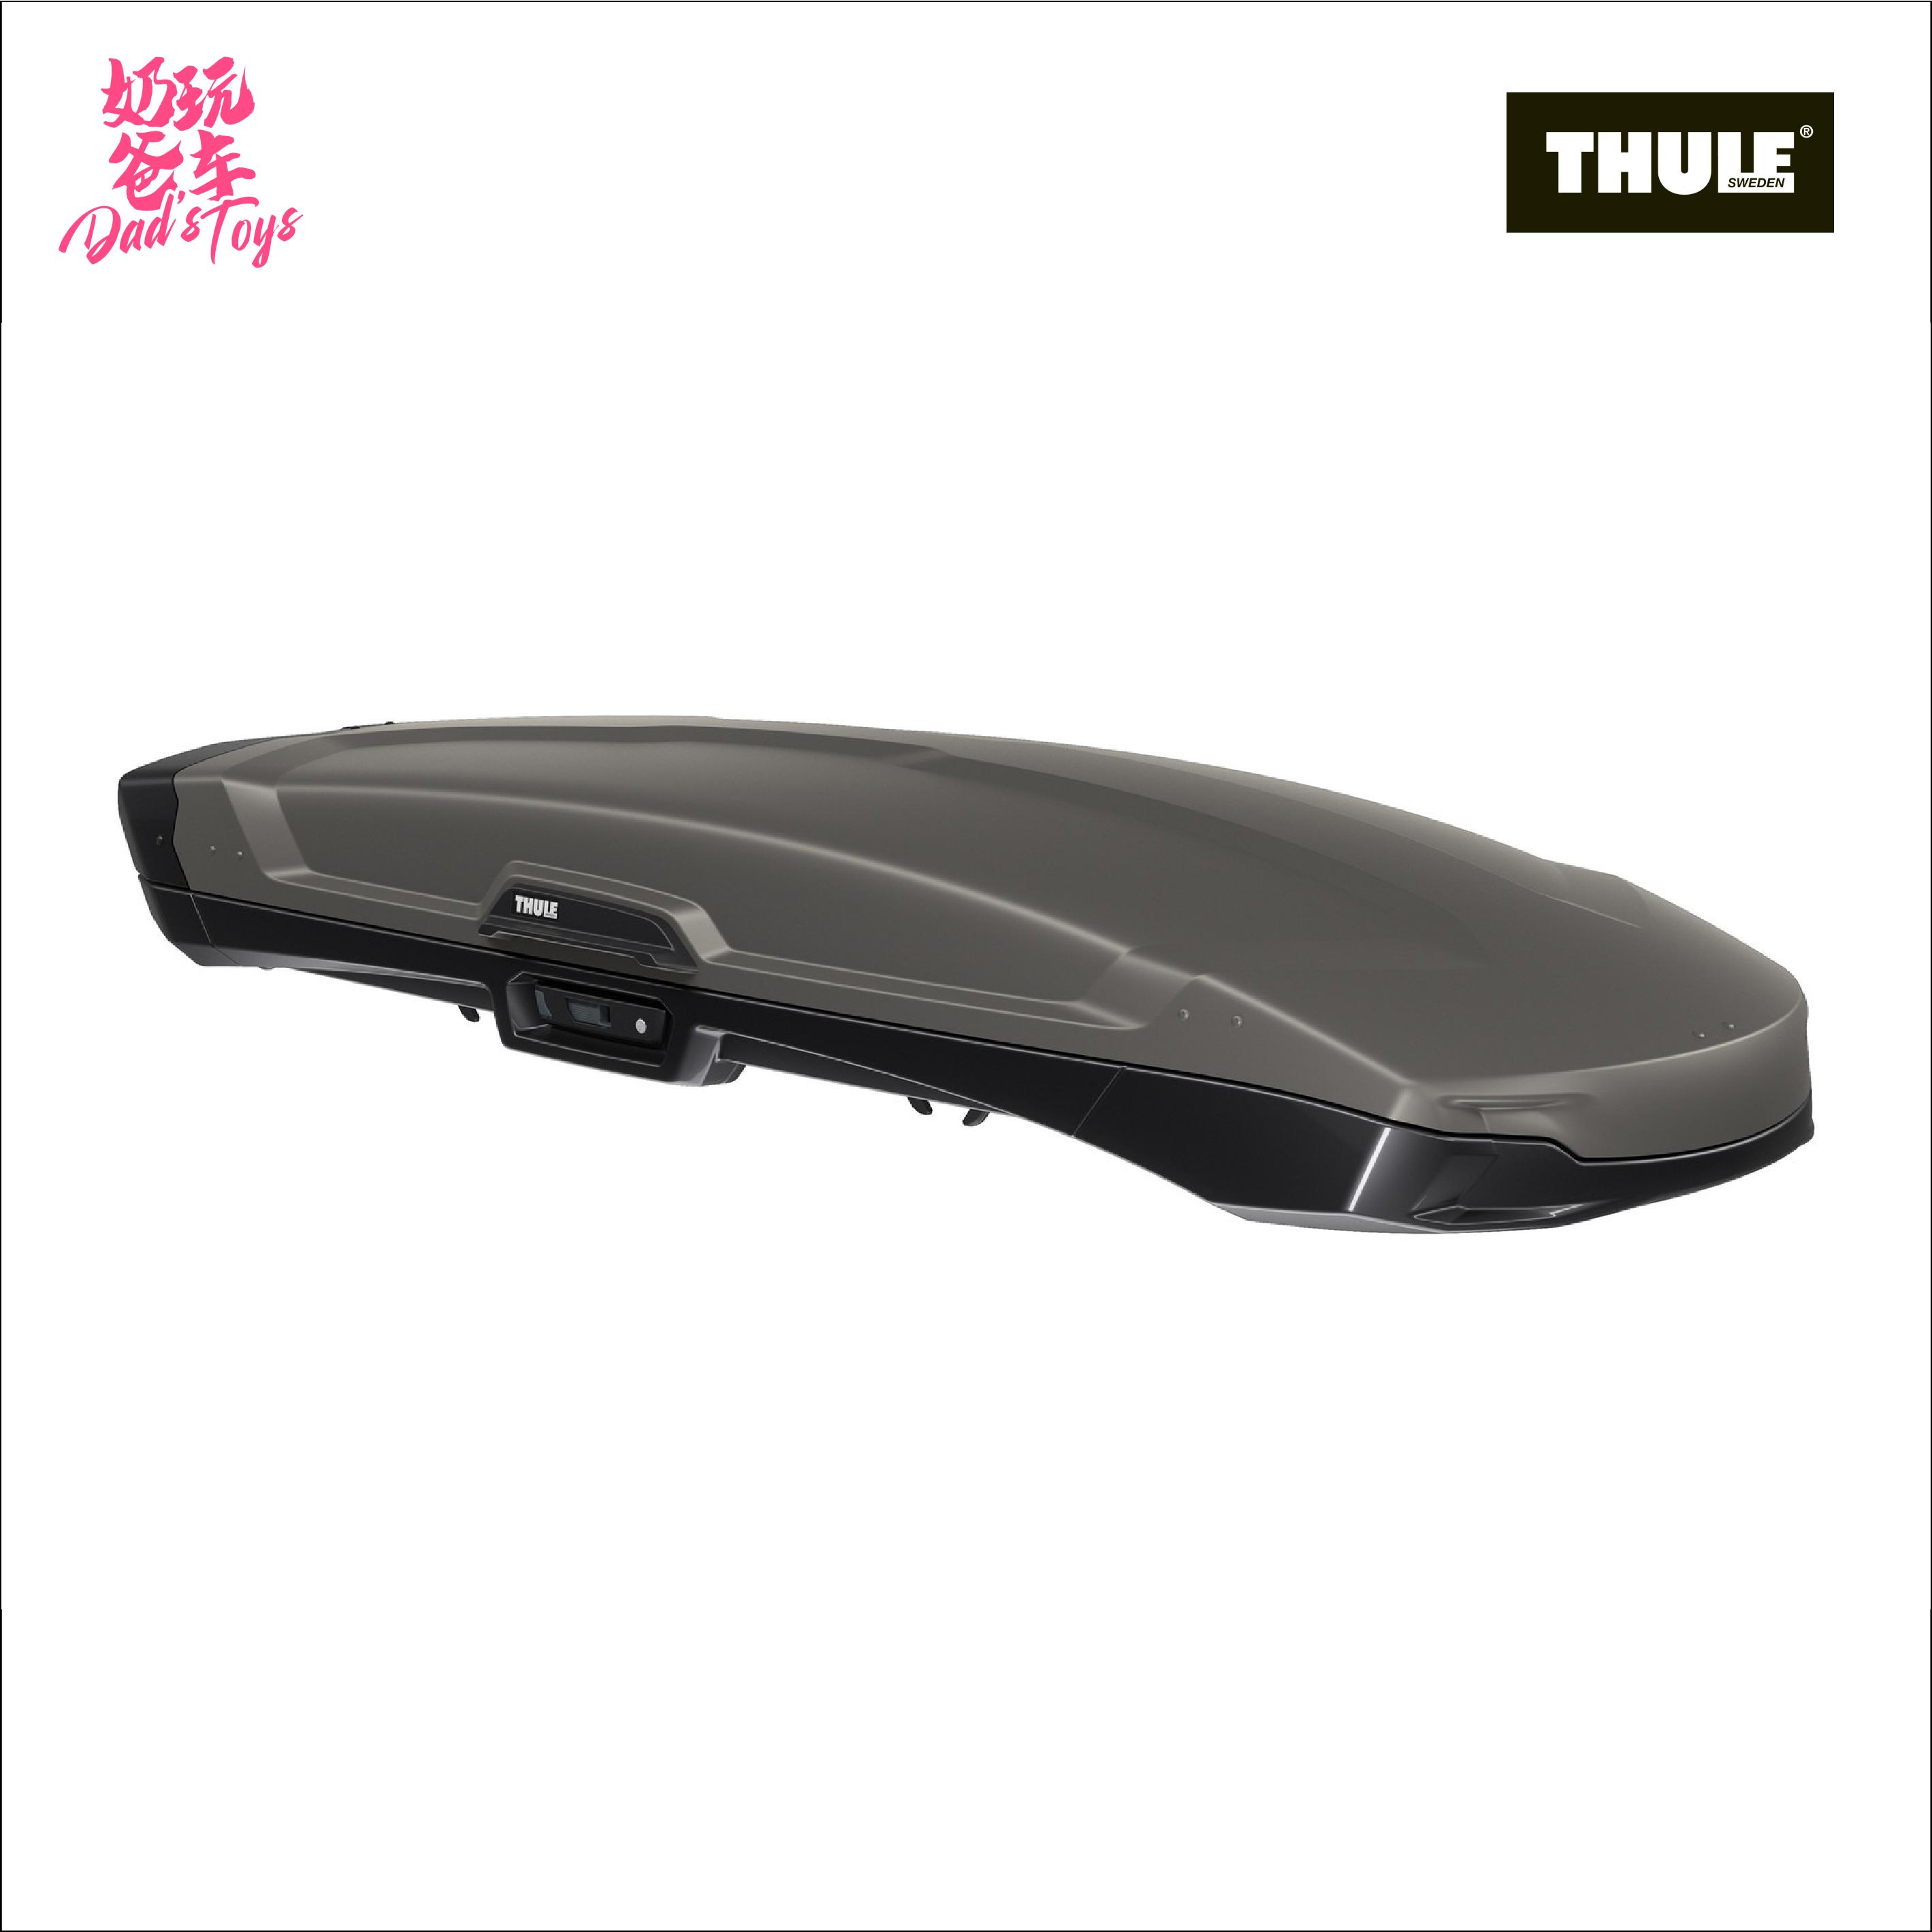 thule /拓乐v系列阿尔派同款汽车